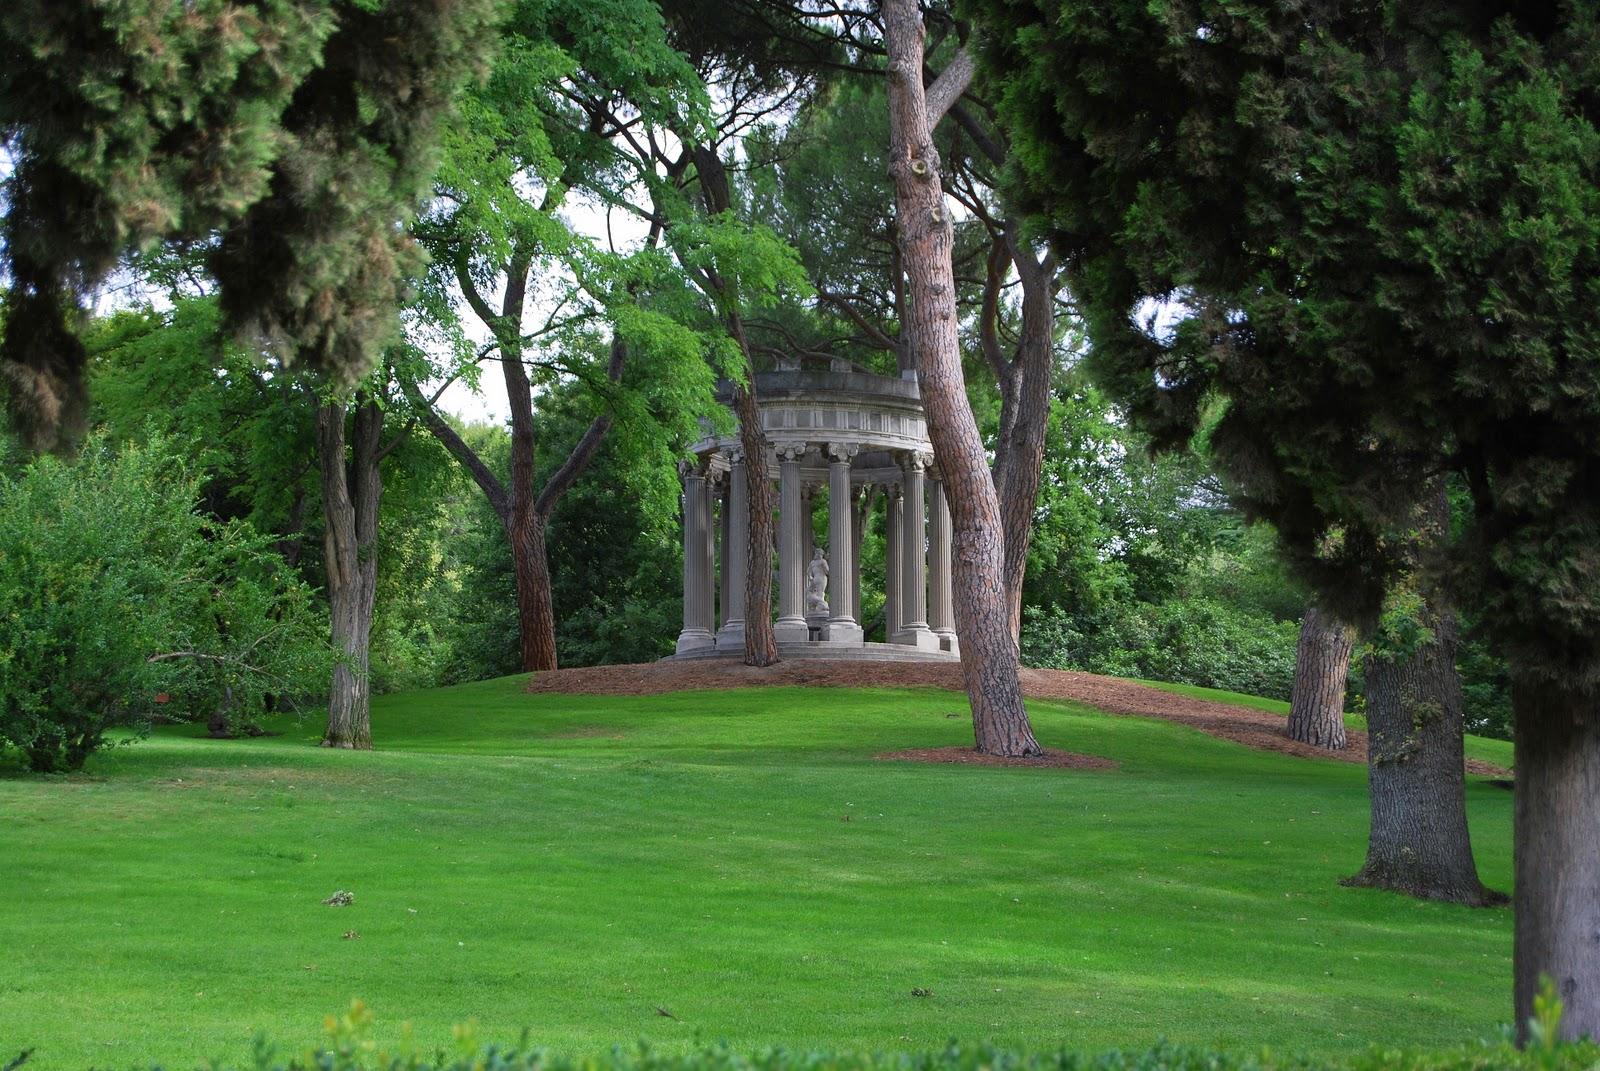 M driz hacia arriba parque el capricho for Jardines el capricho